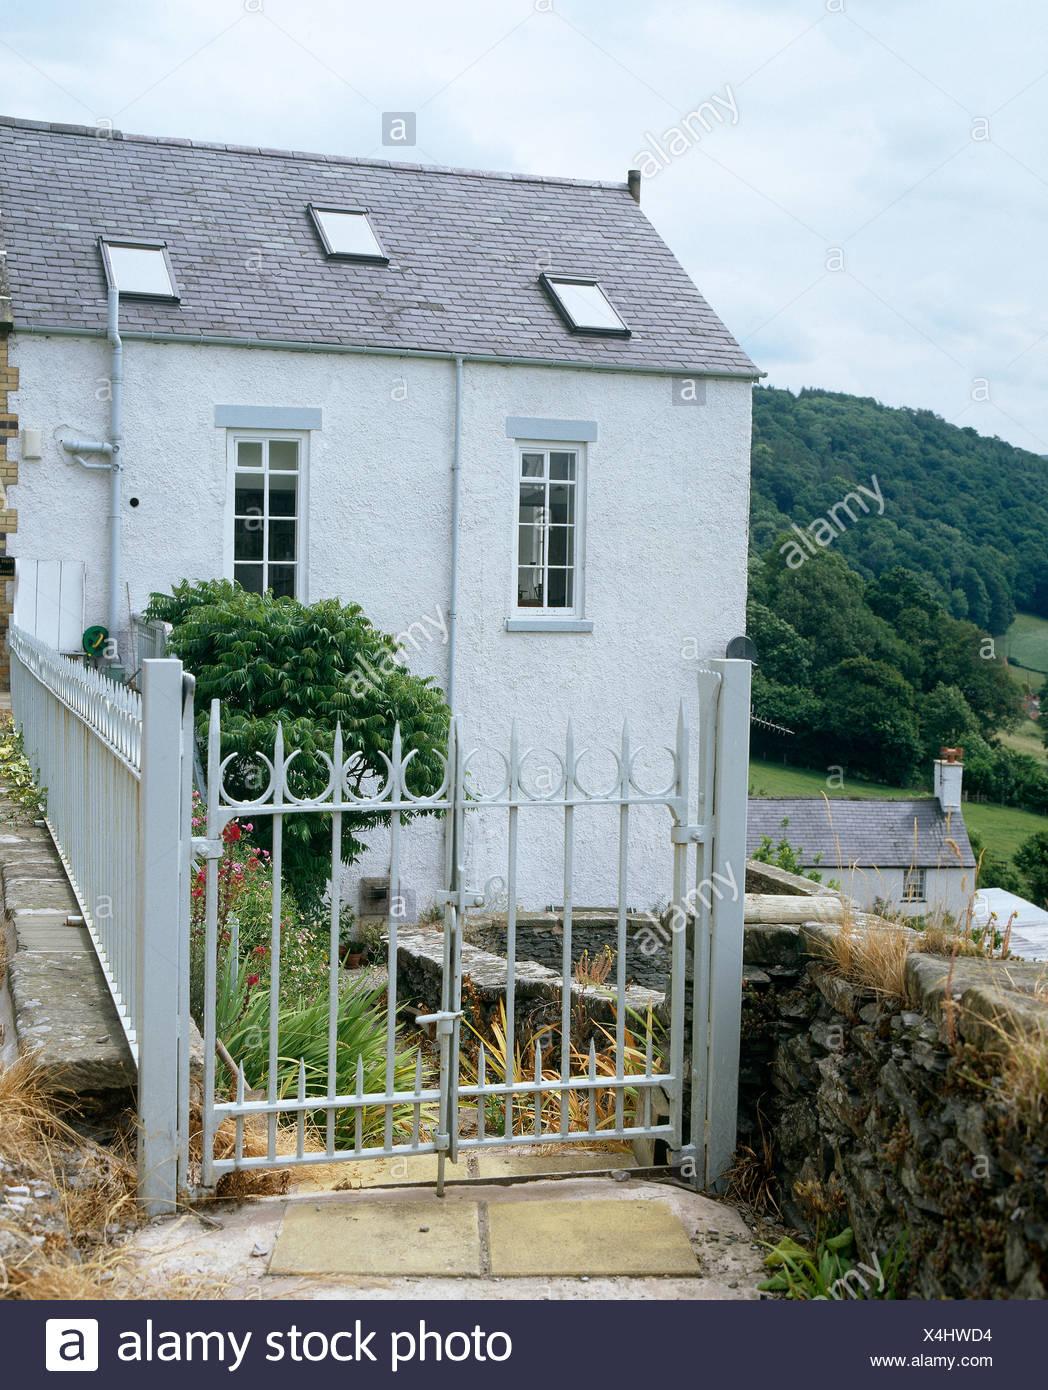 Maison Peinte En Blanc Exterieur extérieur d'une maison peinte en blanc, converti à partir d